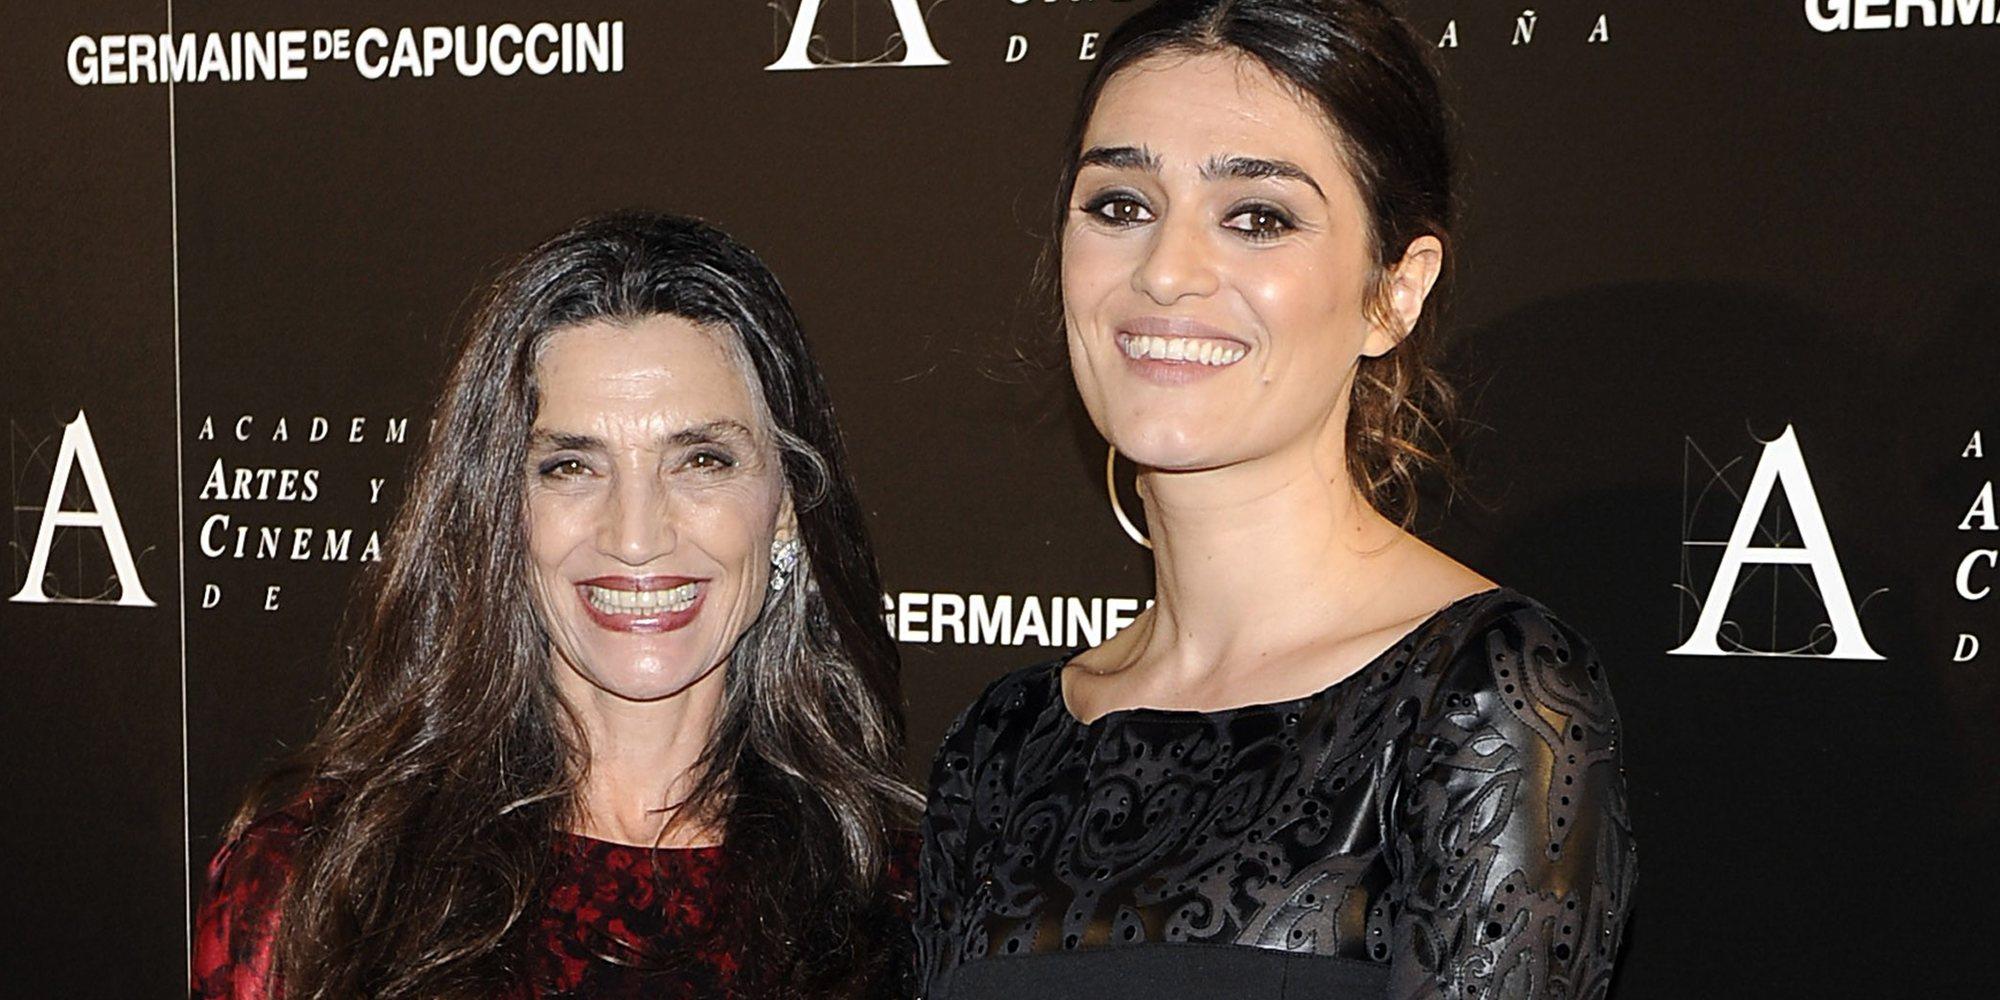 Ángela y Olivia Molina, por primera vez juntas en el set de rodaje para ser madre e hija también en la ficción